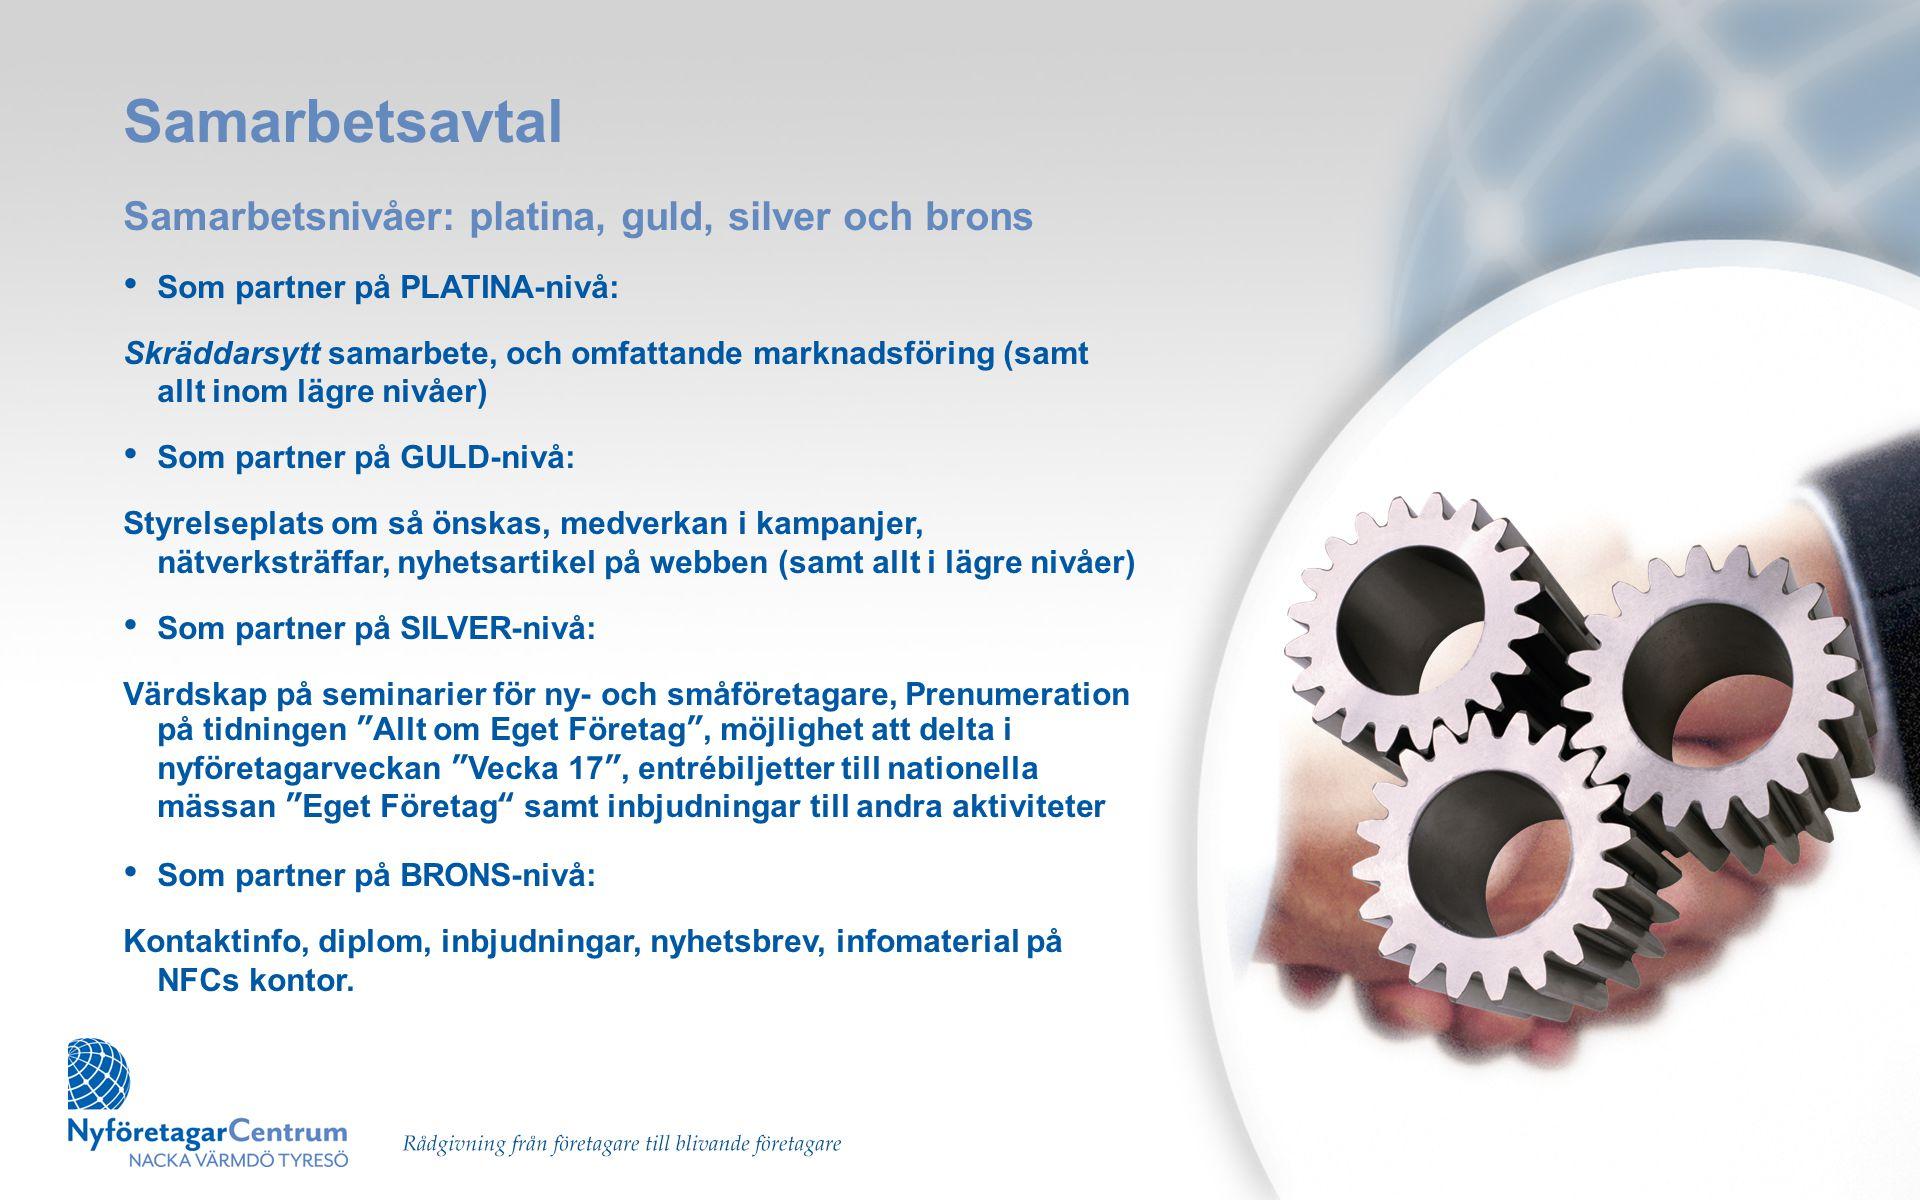 Samarbetsavtal Samarbetsnivåer: platina, guld, silver och brons